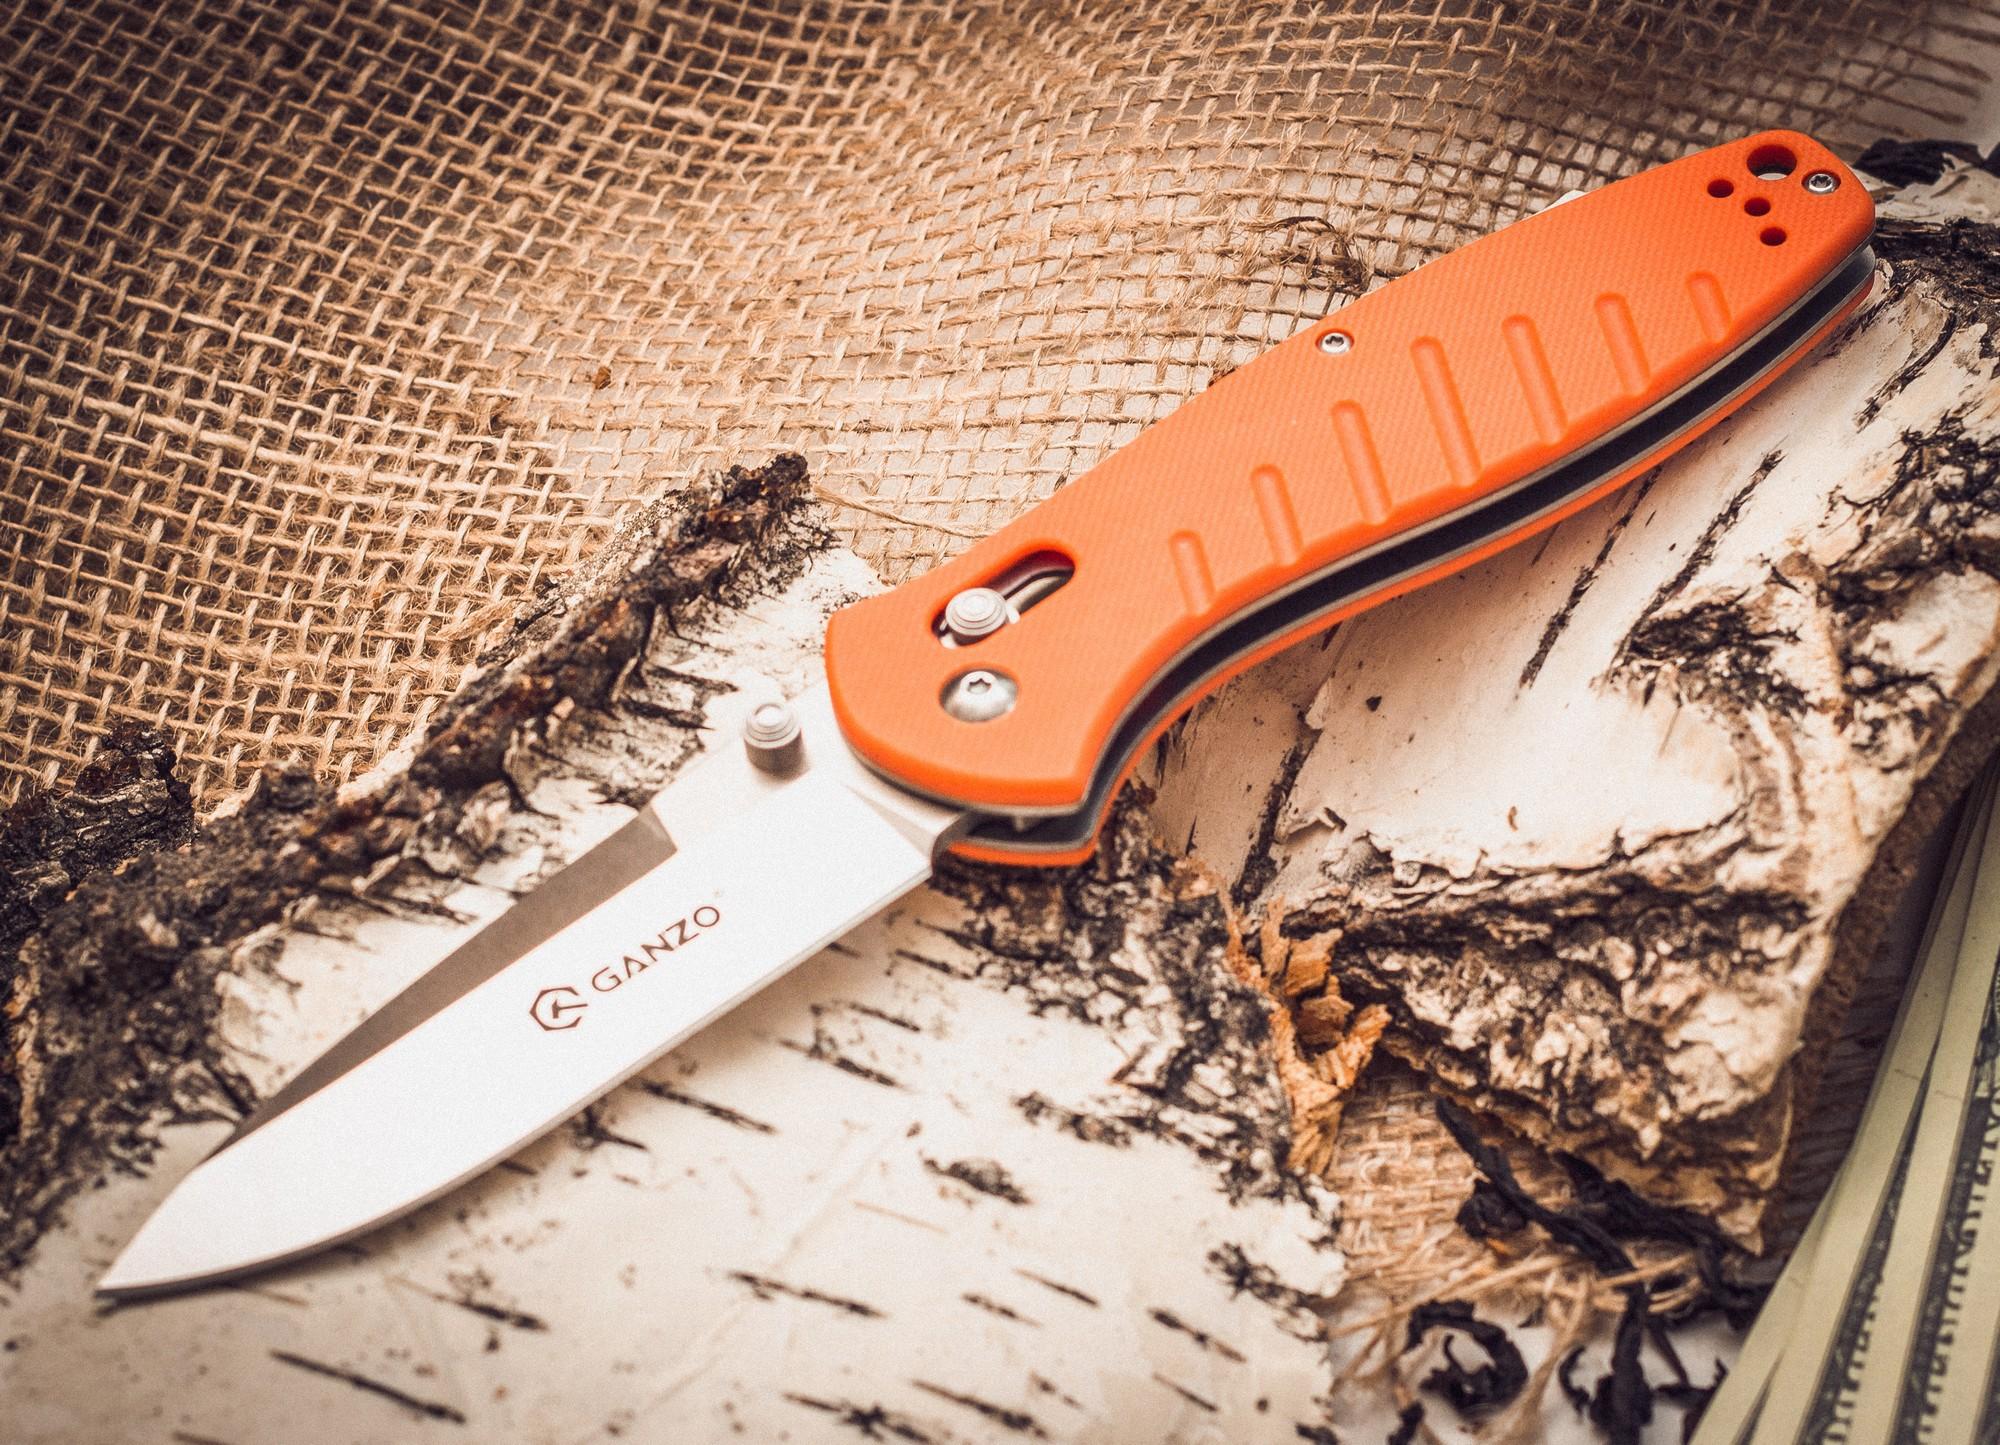 Фото 6 - Складной нож Ganzo G738, оранжевый